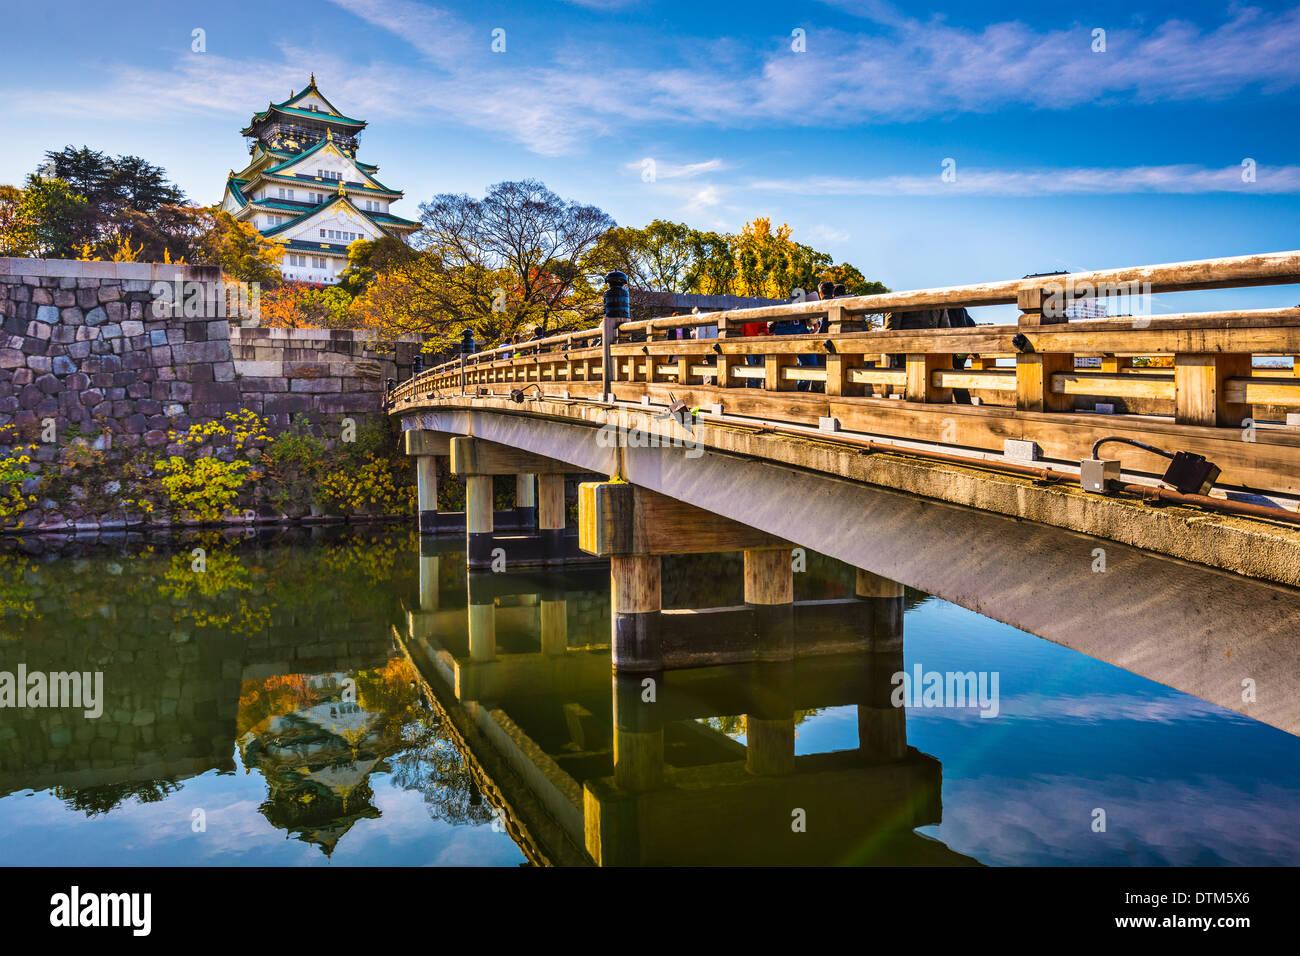 El Castillo de Osaka en Japón. Imagen De Stock